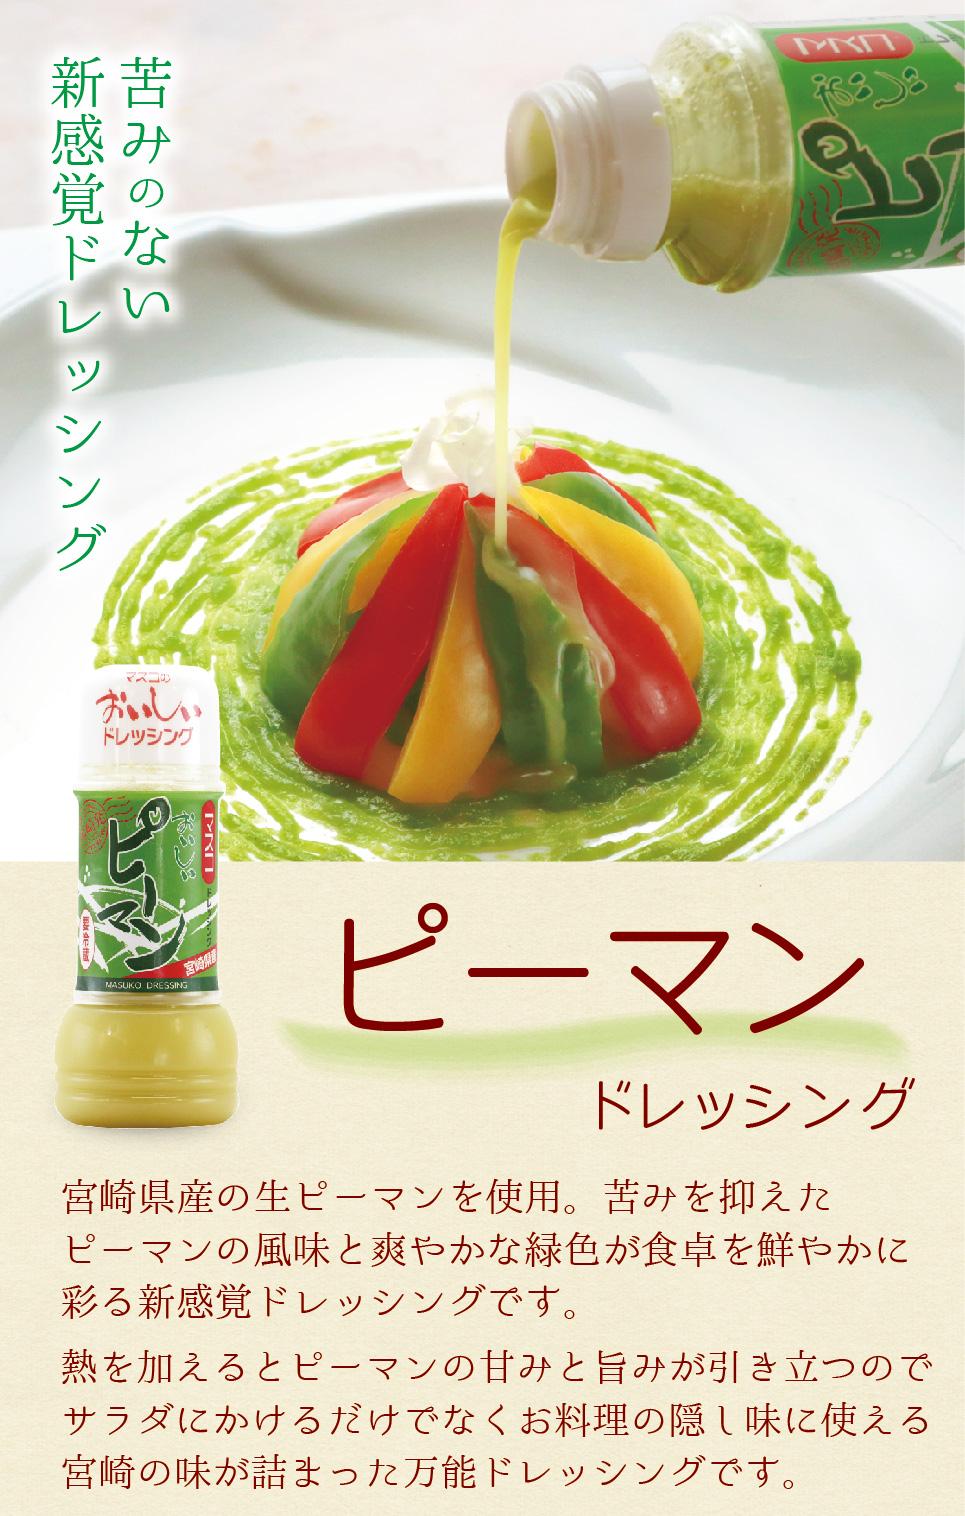 苦みのない 新感覚ドレッシング ピーマンドレッシング 宮崎県産の生ピーマンを使用。苦みを抑えたピーマンの風味と爽やかな緑色が食卓を鮮やかに彩る新感覚ドレッシングです。熱を加えるとピーマンの甘みと旨みが引き立つのでサラダにかけるだけでなくお料理の隠し味に使える宮崎の味が詰まった万能ドレッシングです。